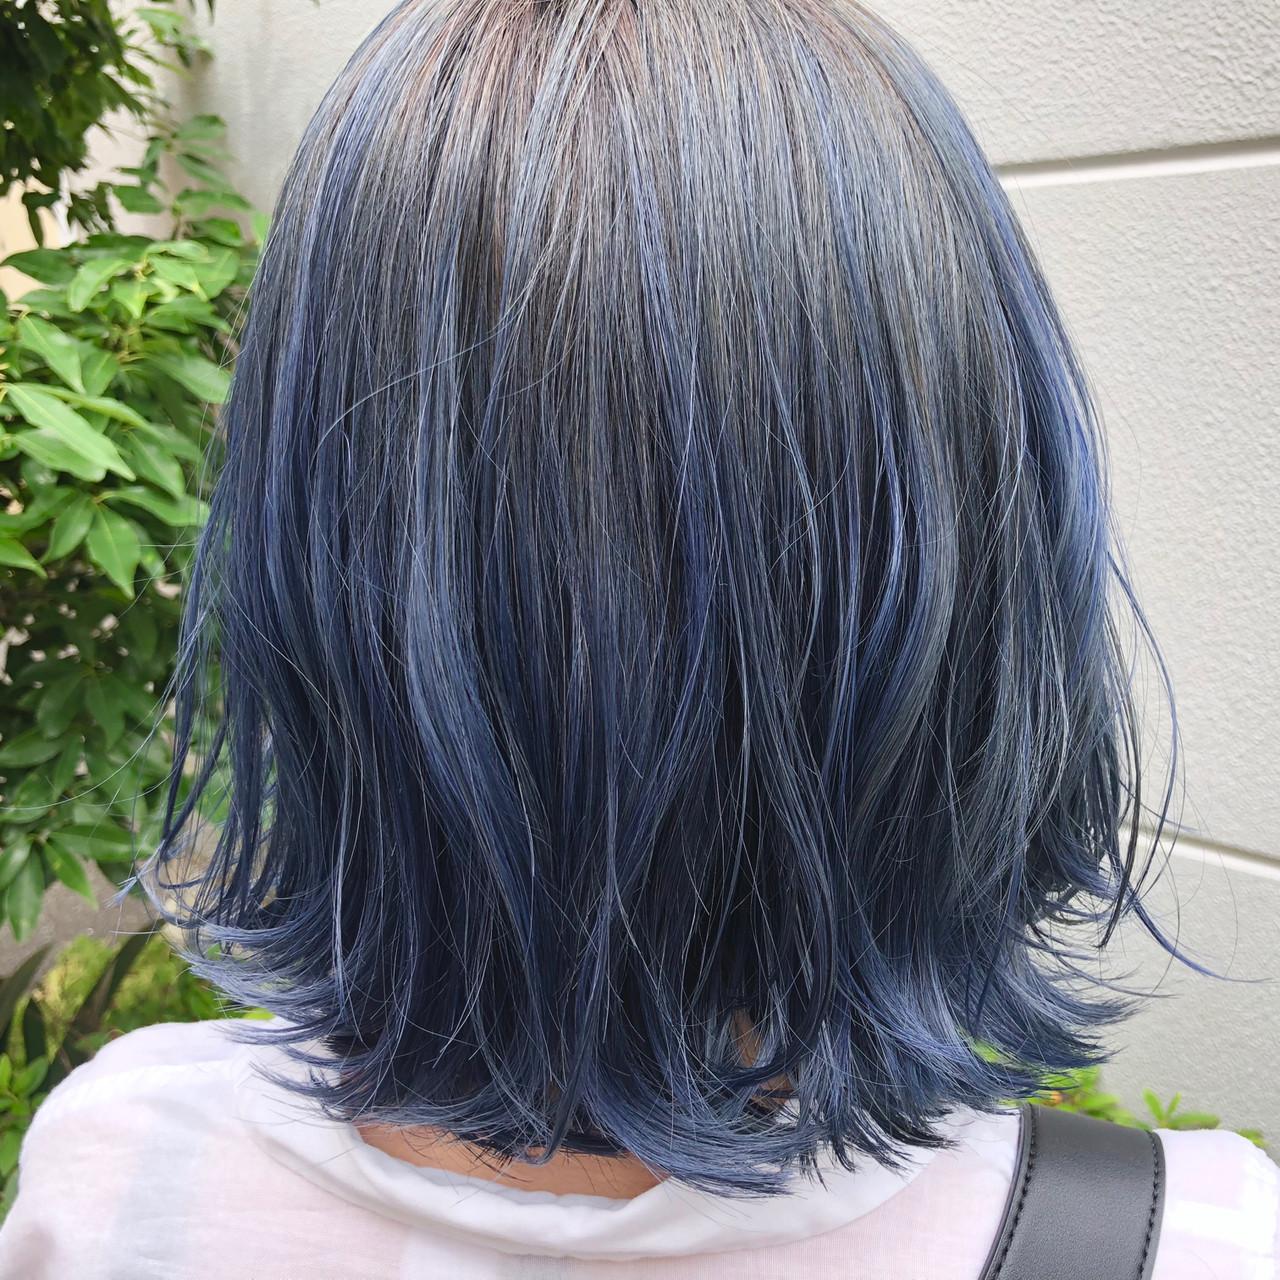 ストリート ネイビーブルー ボブ ブルーヘアスタイルや髪型の写真・画像